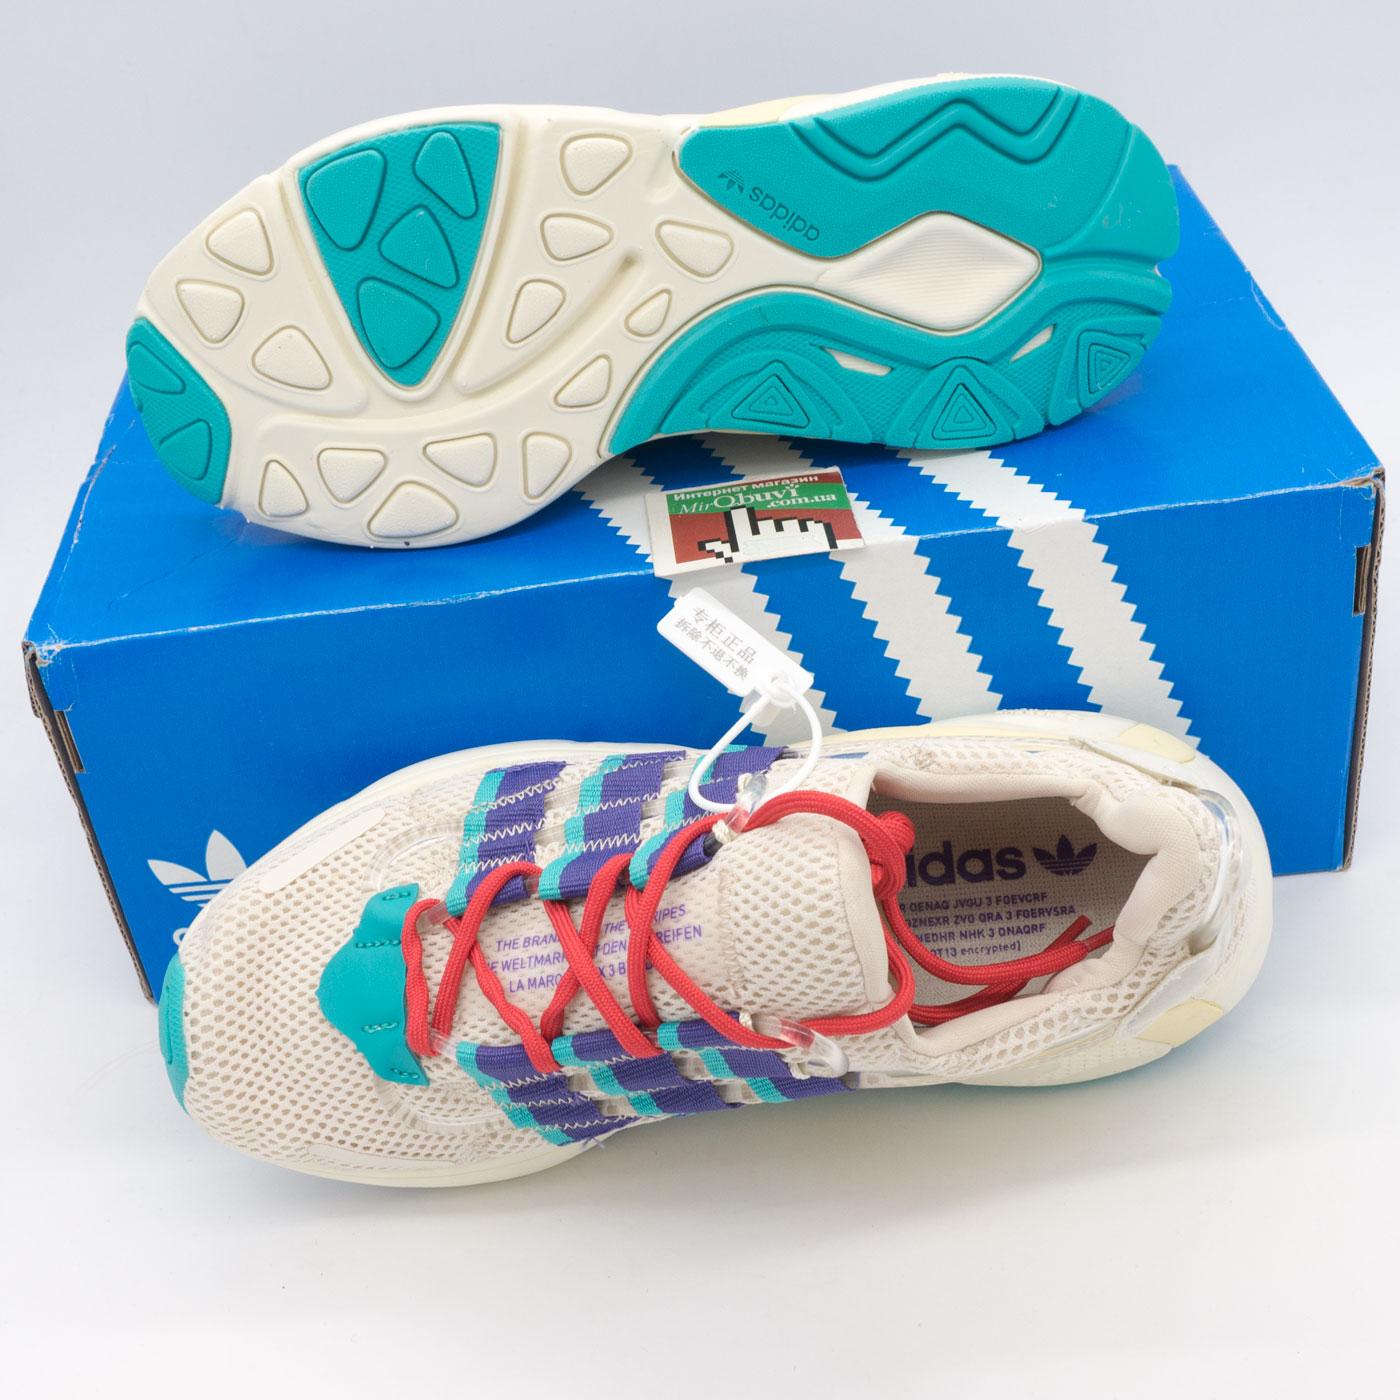 фото bottom Женские кроссовки Adidas Lxcon (Лексикон) серые. Топ качество! bottom